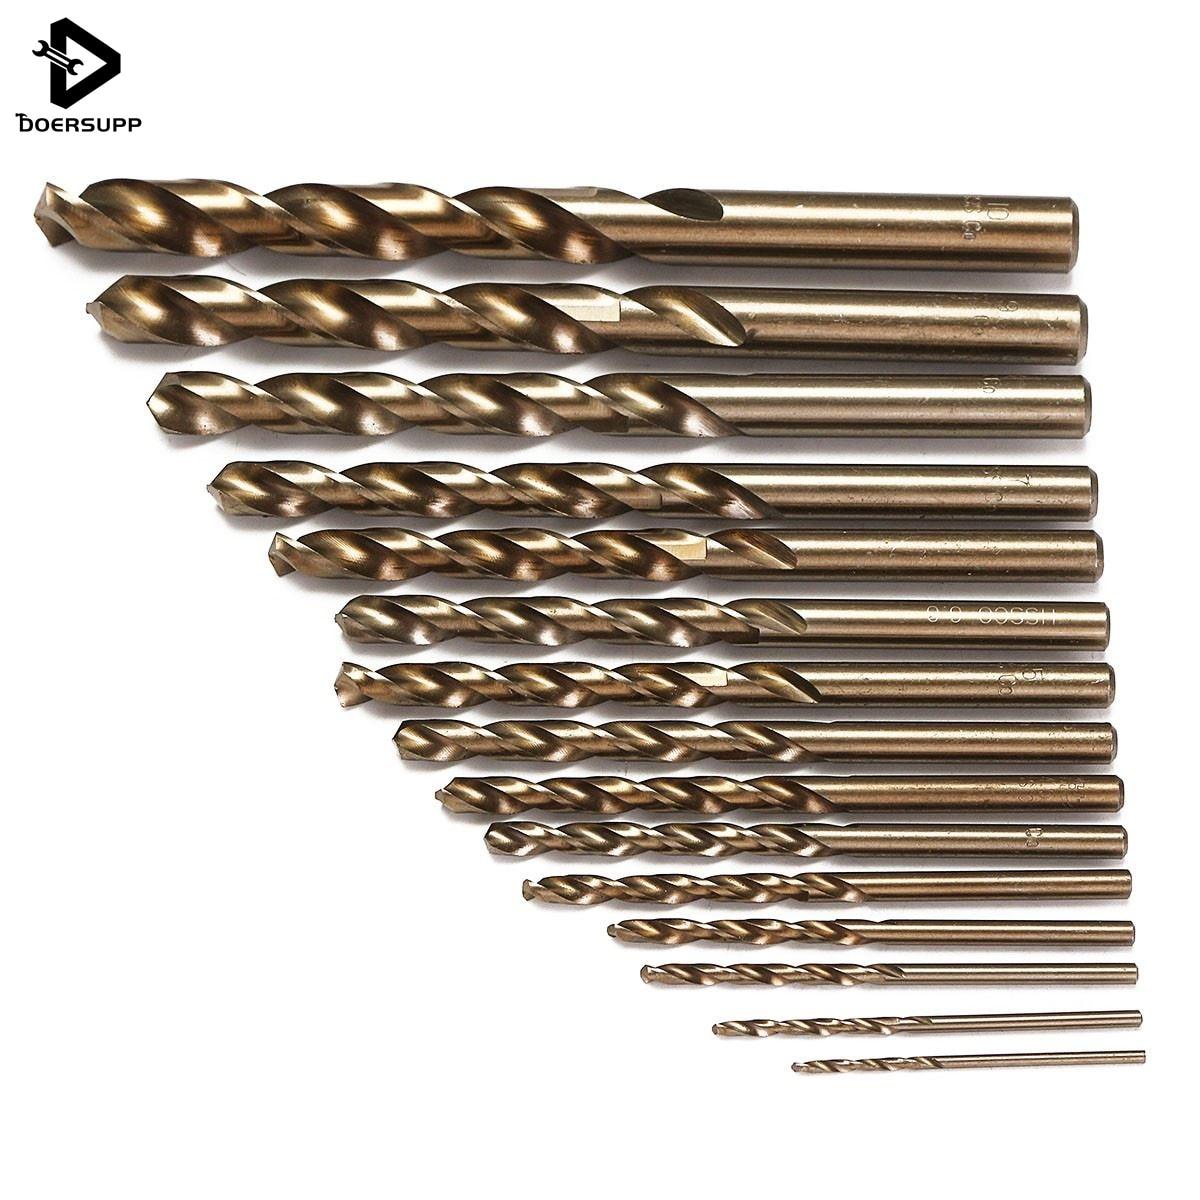 Doersupp 15 pcs/ensemble HSS-CO 1.5-10mm Haute Vitesse En Acier M35 Cobalt Torsion Foret 40-133mm longueur Bois Métal Forage Top Qualité